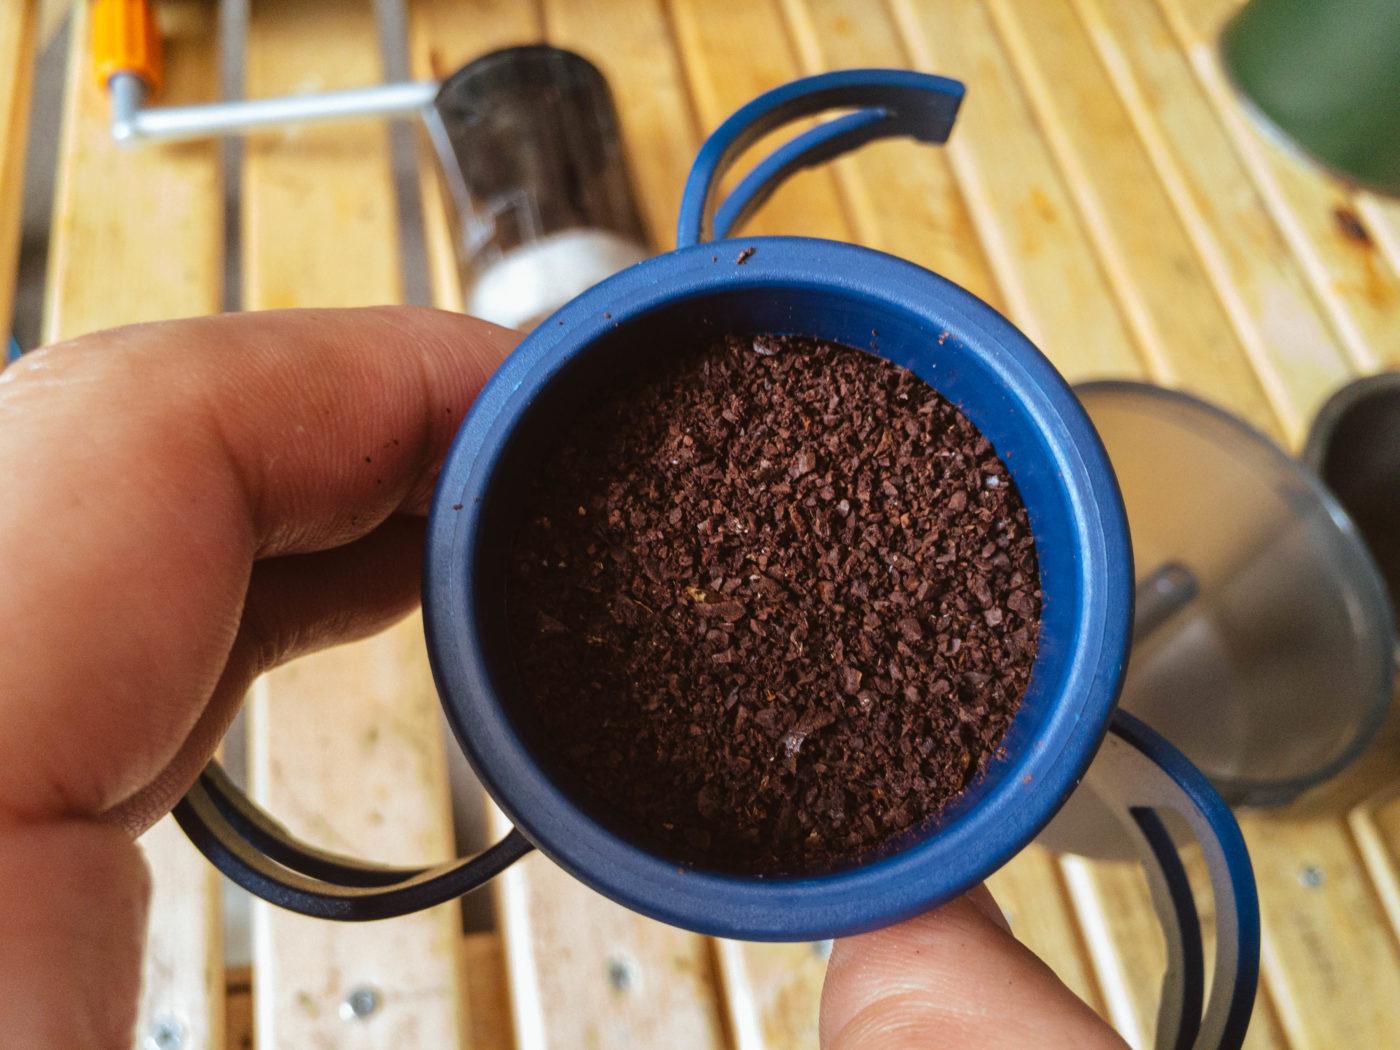 コーヒーロケットに挽いたコーヒー豆を入れた写真